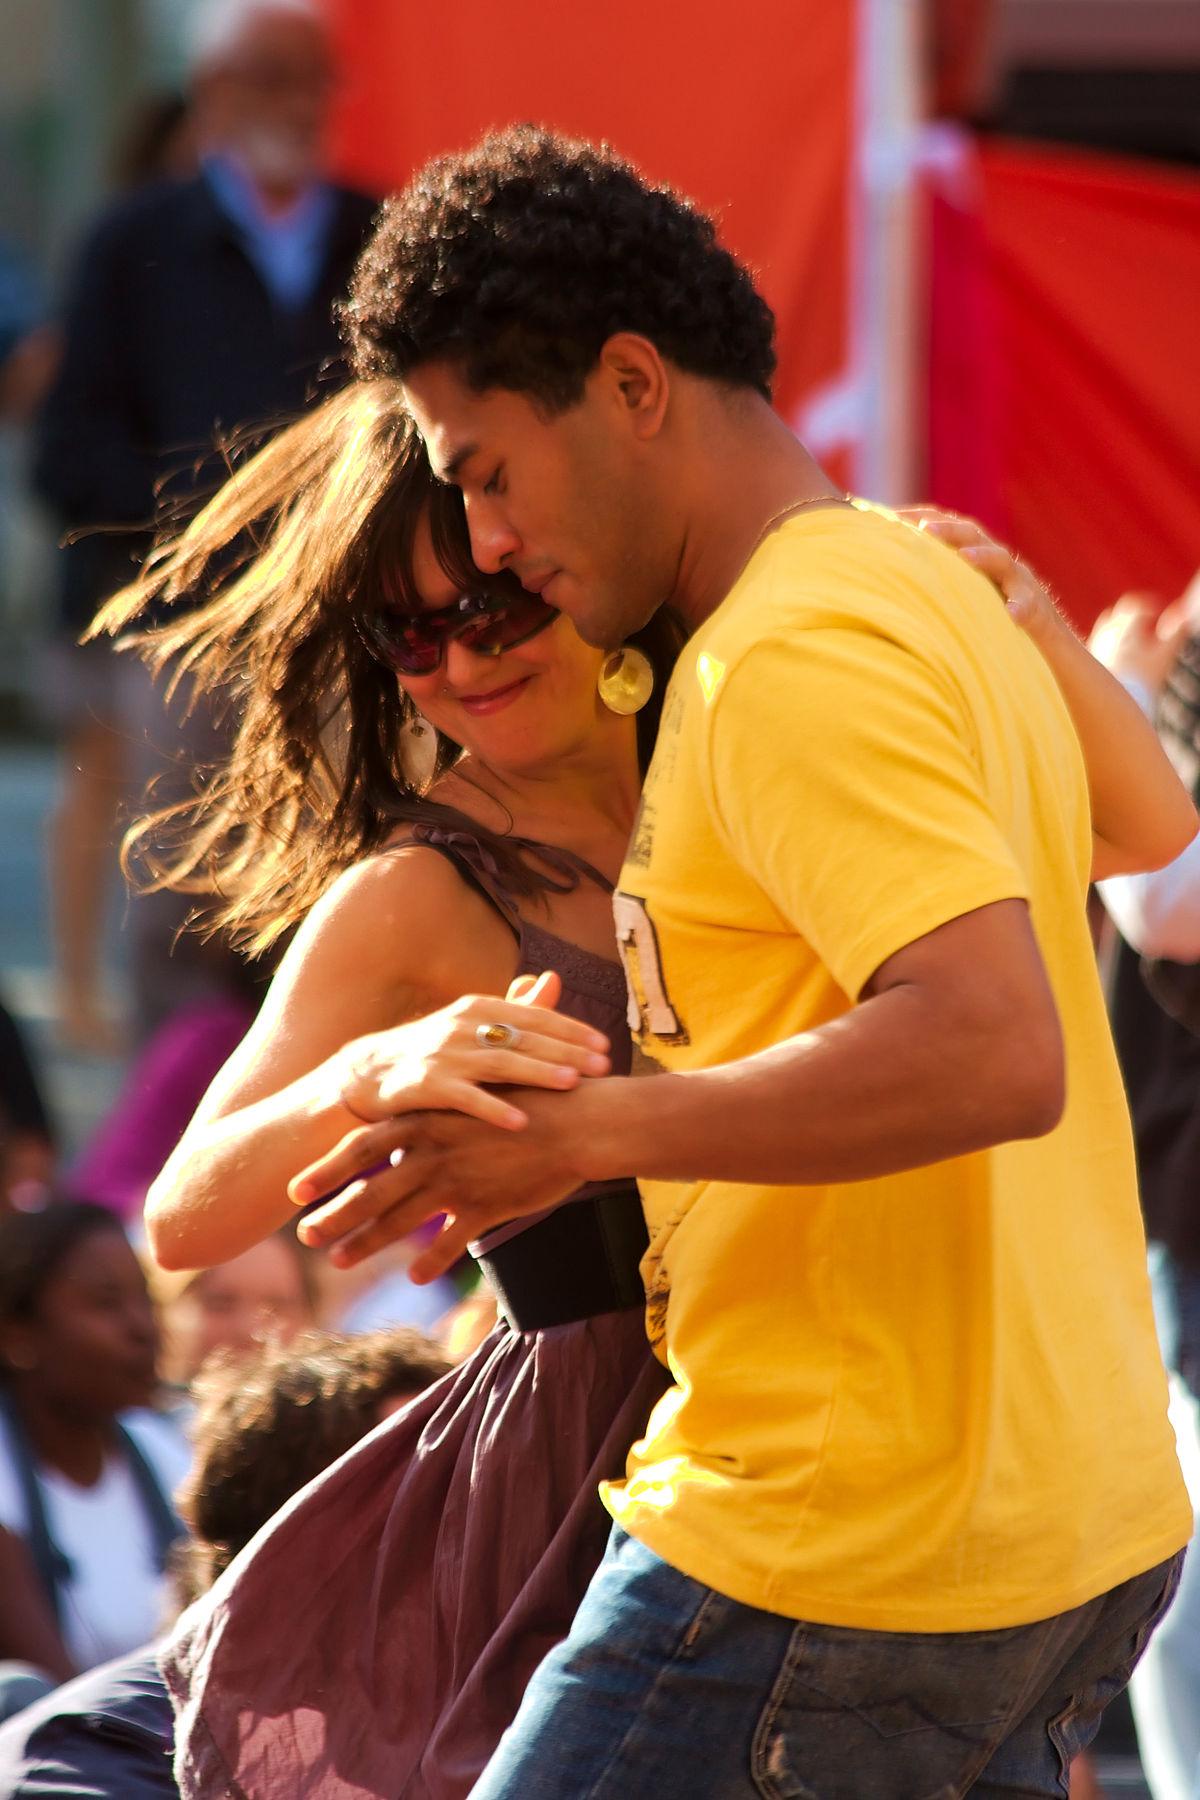 Merengue (dance) - Wikipedia